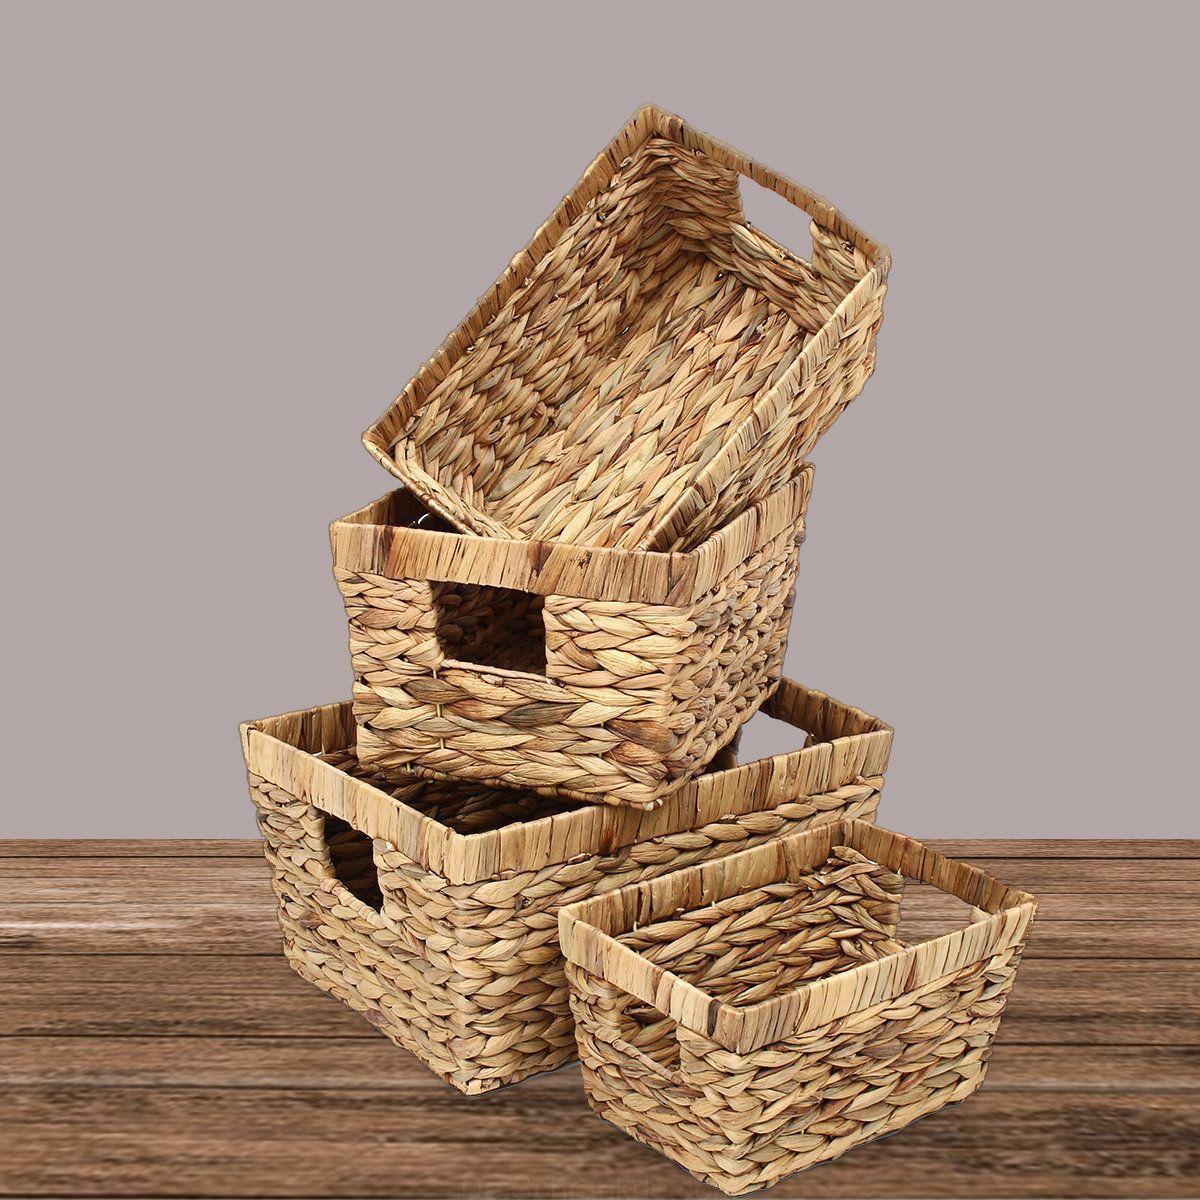 Schreibtisch Wicker Ablagekorb Schublade Gewebte Handgefertigte Kleidung Wasche Aufbewahrungsboxen Aufbewahrungsbox Weiden Ablage